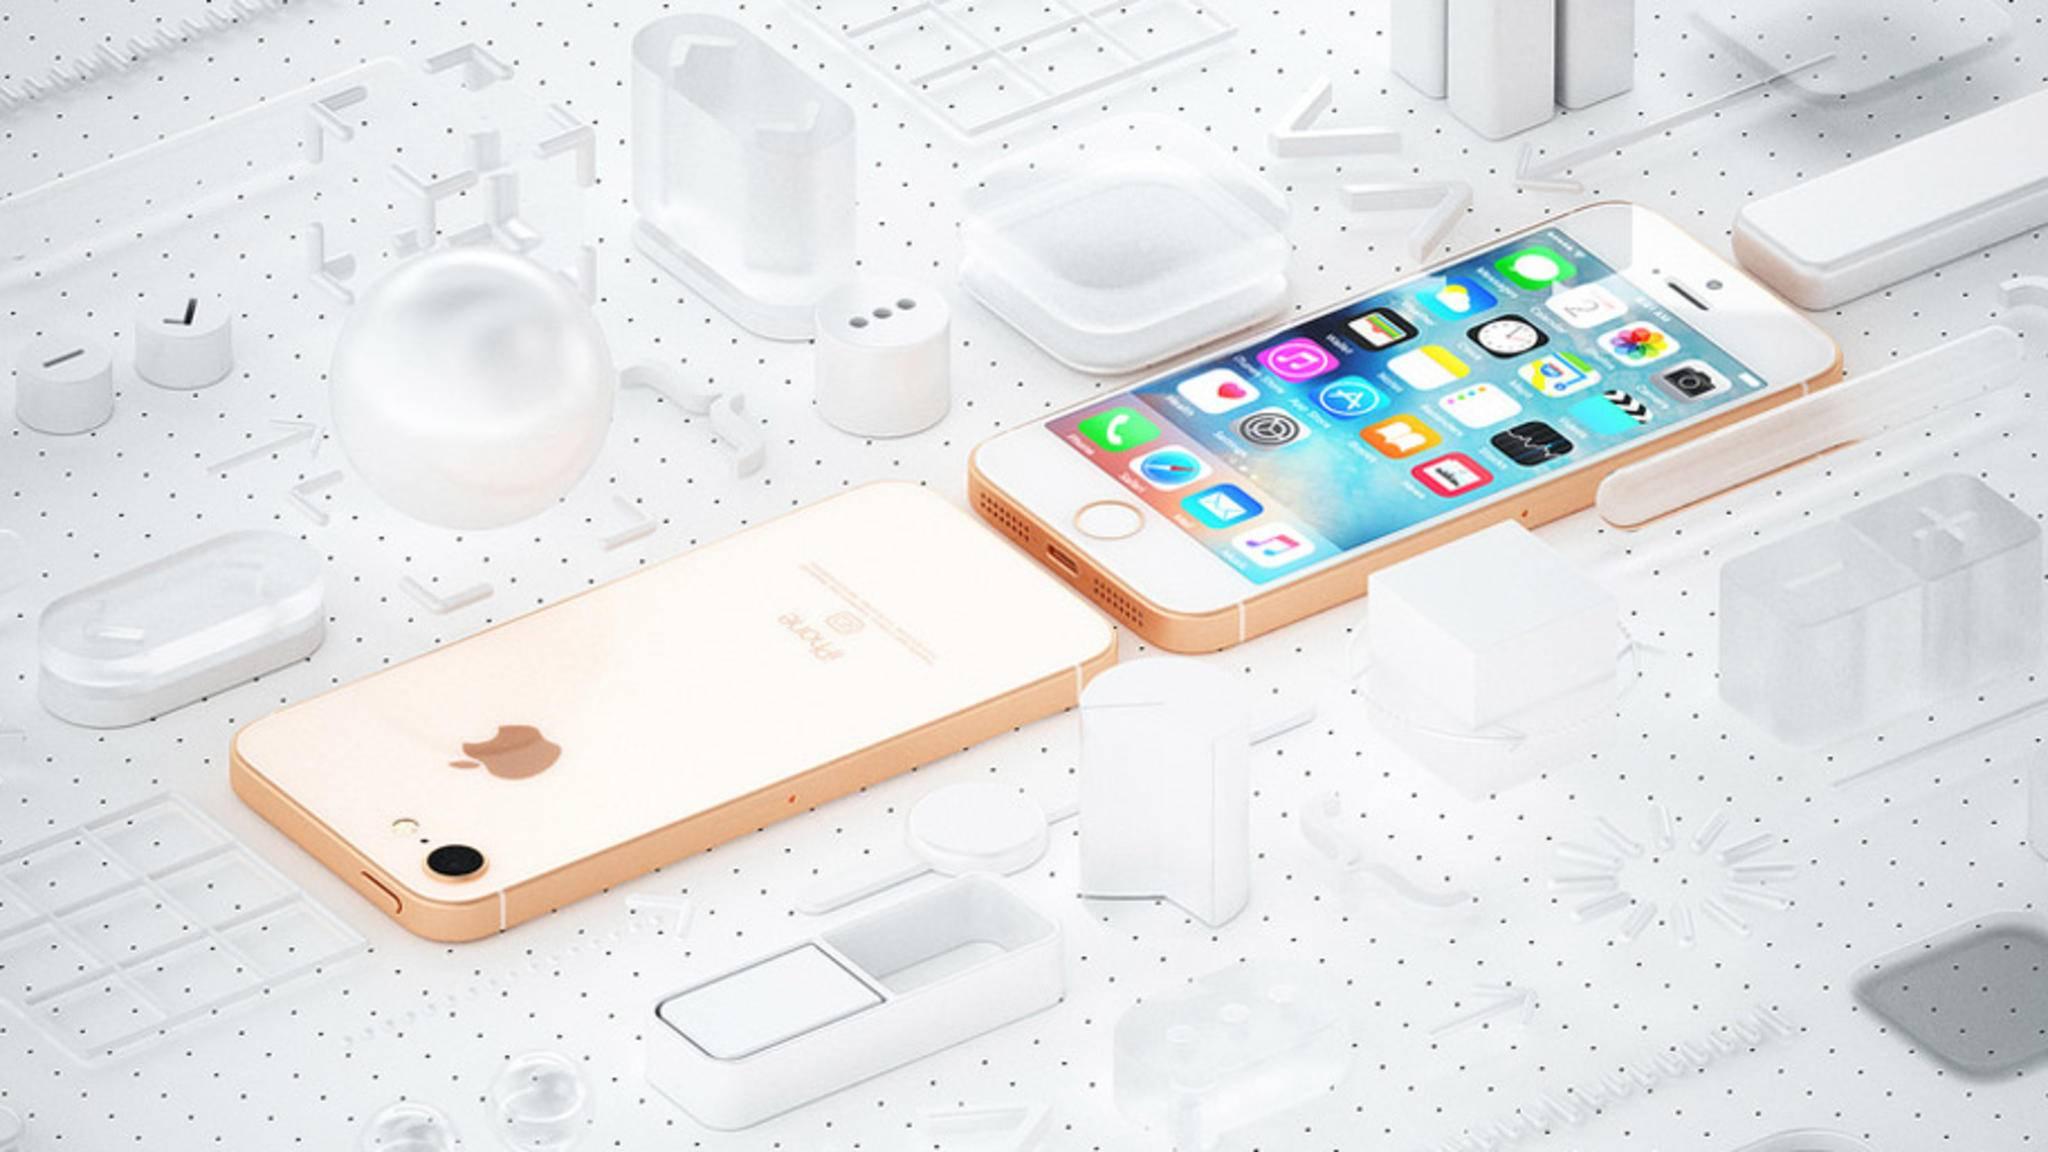 Das iPhone SE 2 steht womöglich in den Startlöchern: Wir verraten, auf welche Features wir hoffen.